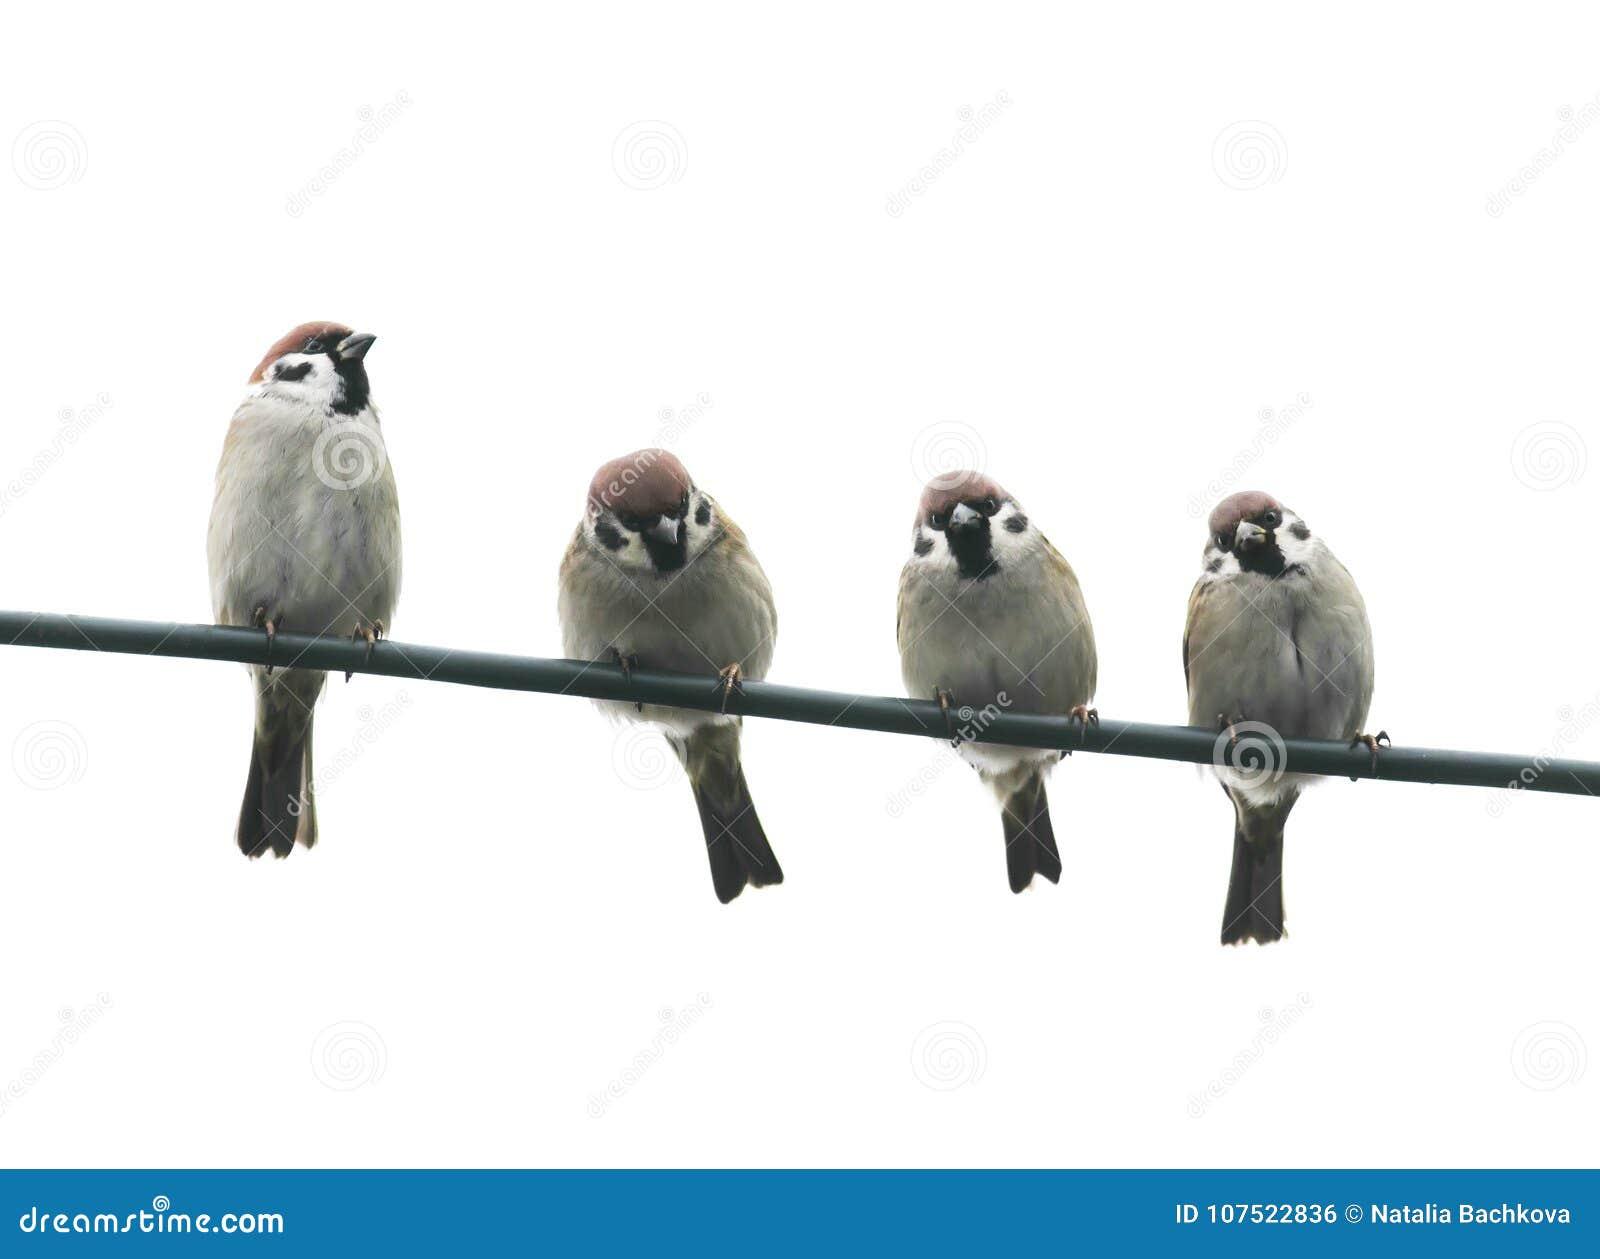 friendly little birds sitting on a wire on white sky backg